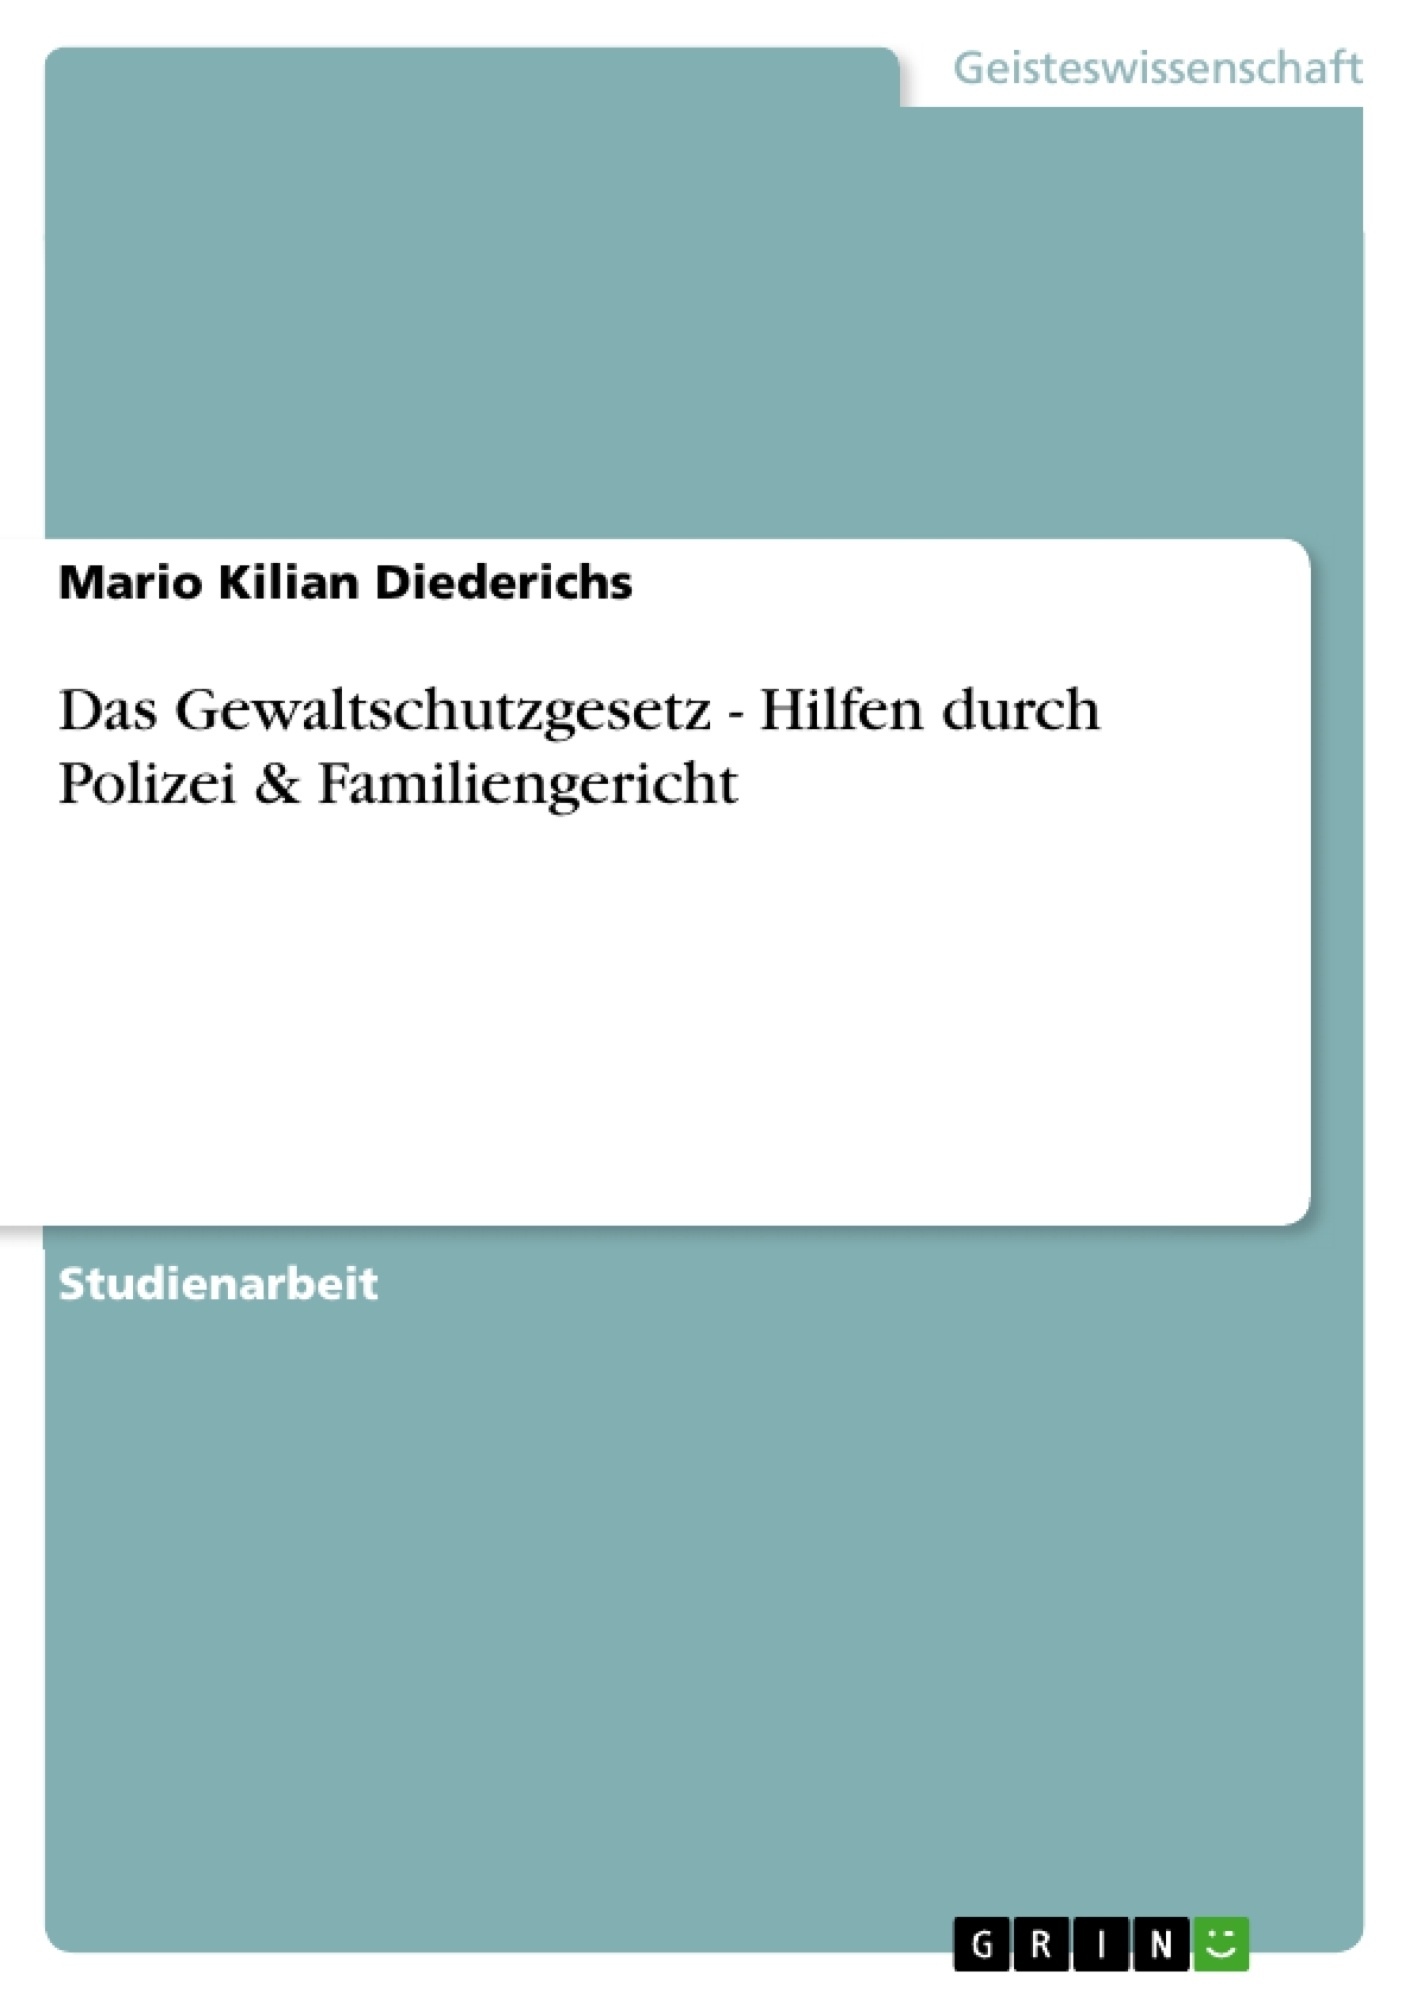 Title: Das Gewaltschutzgesetz - Hilfen durch Polizei & Familiengericht